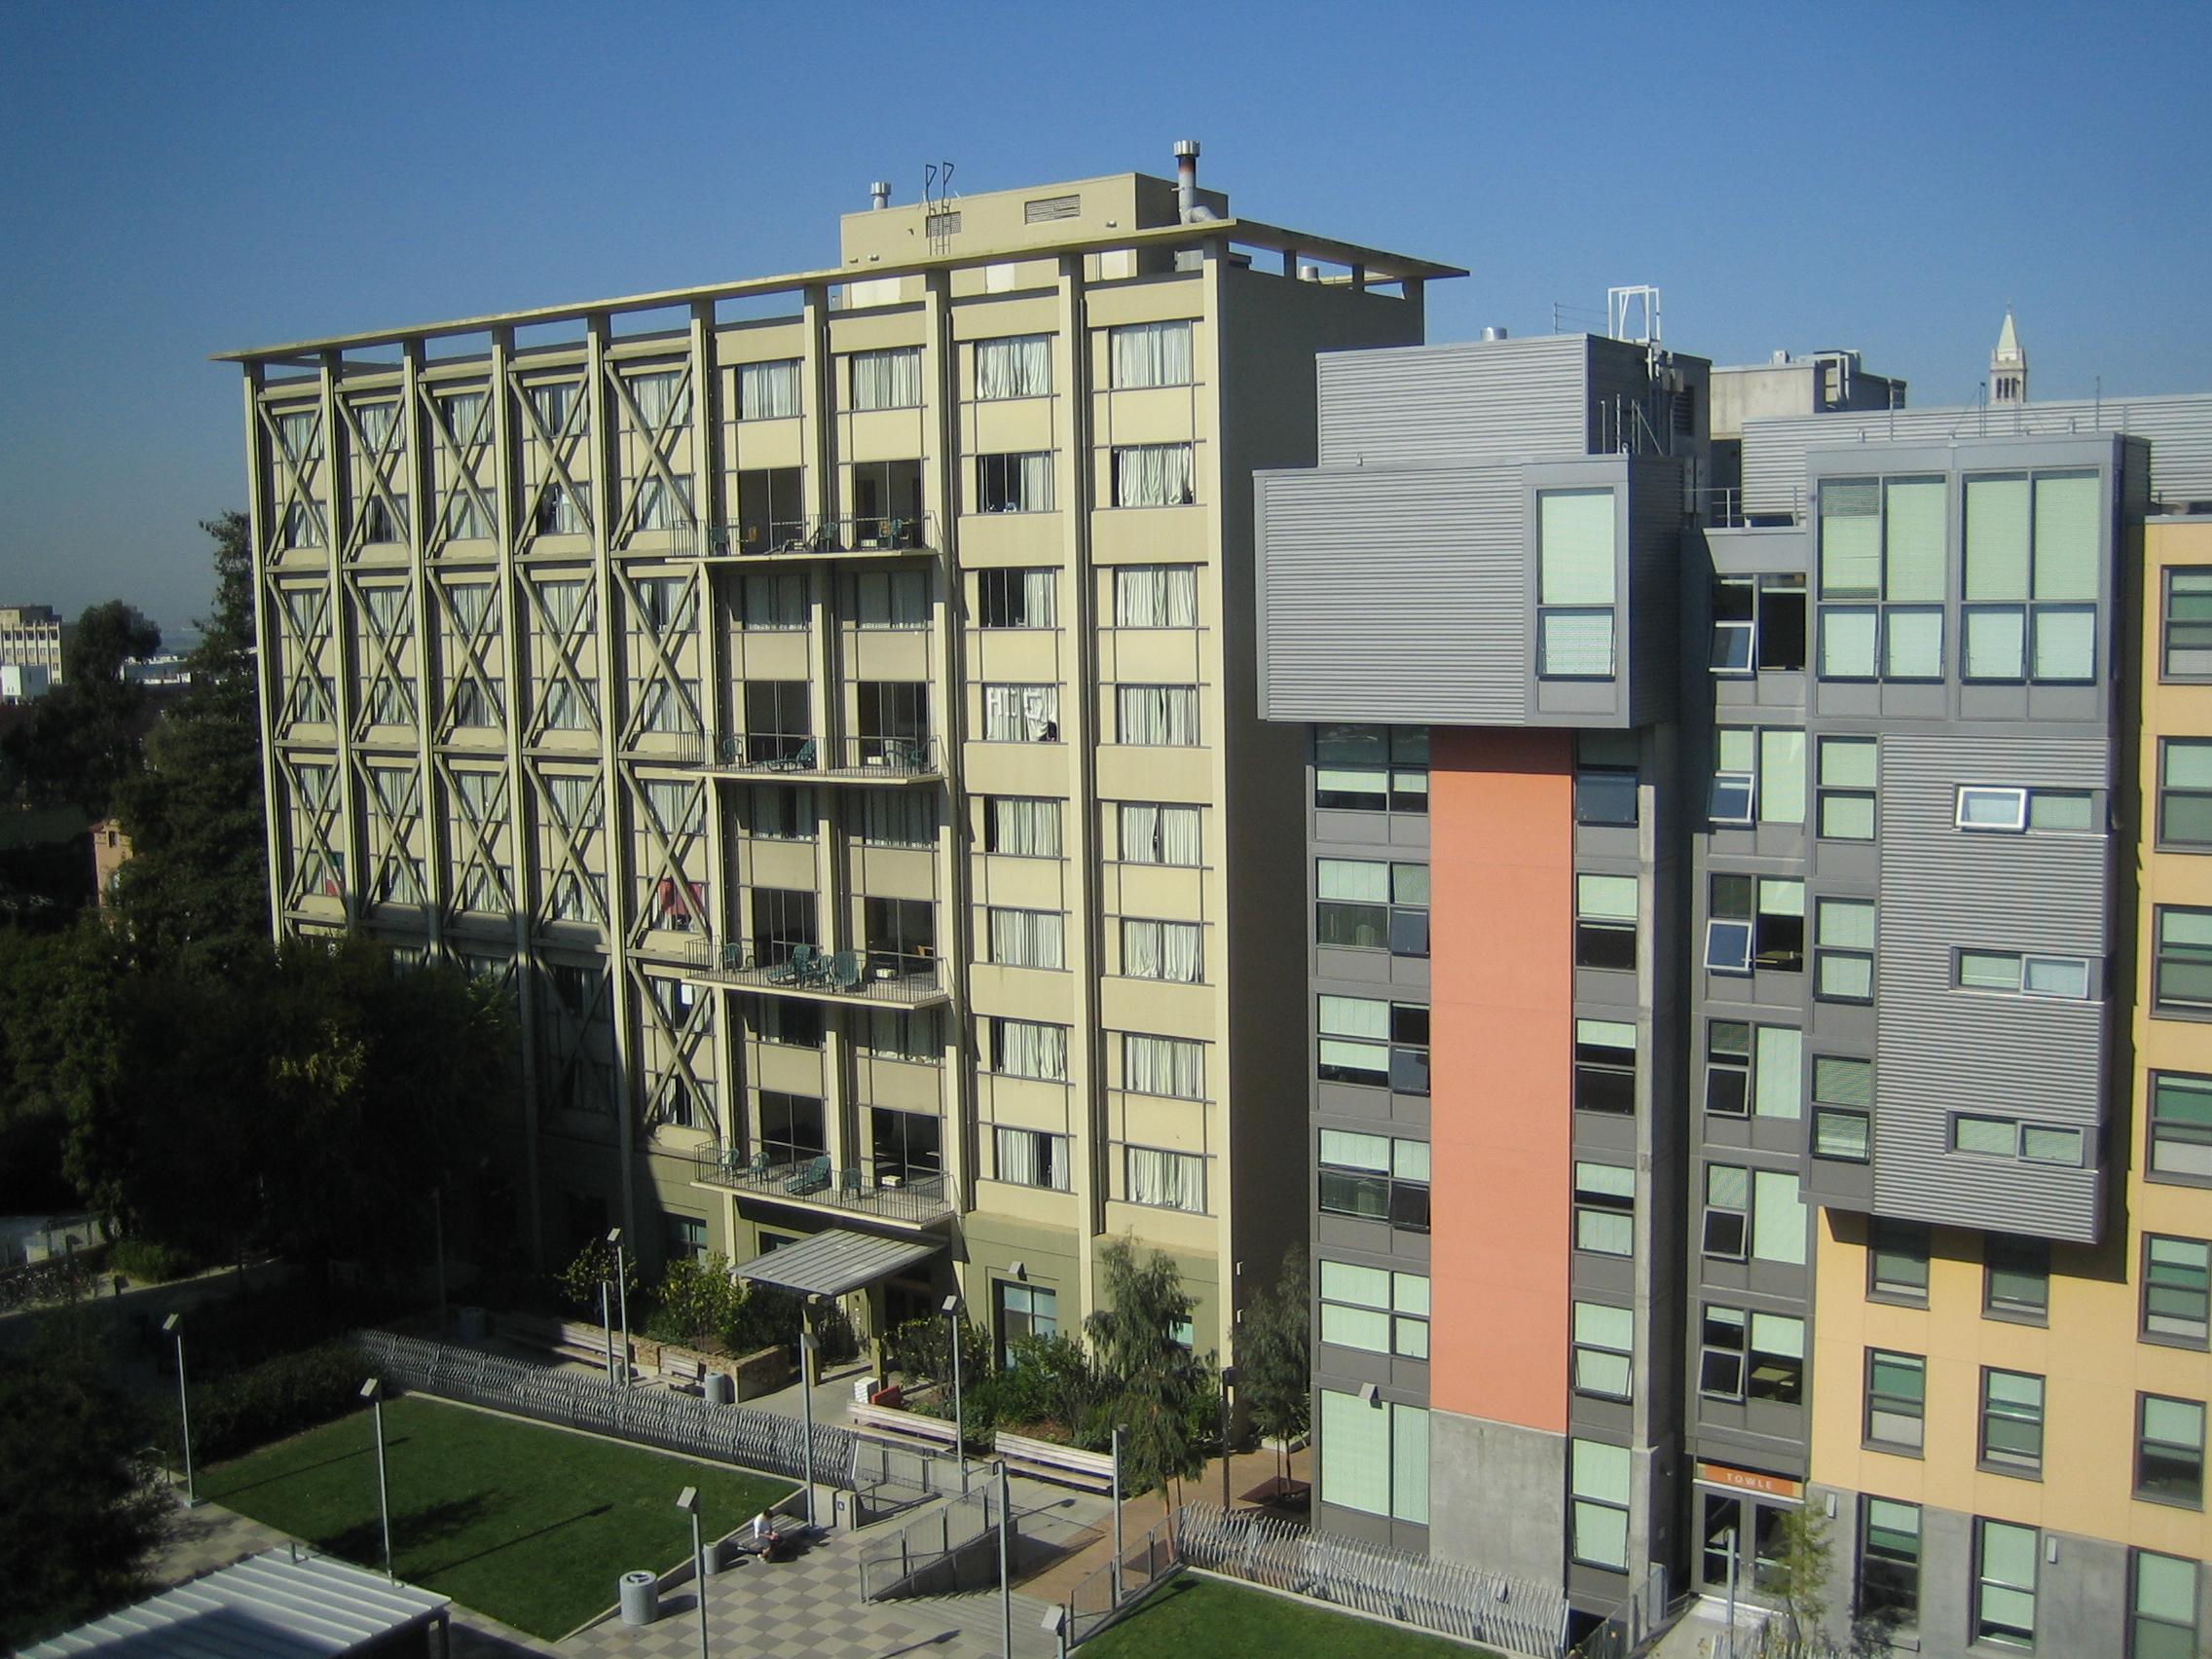 버클리 기숙사, 전단보강 트러스(부재가 휘지 않게 접합점을 핀으로 연결한 골조구조)가 삽입된 모습